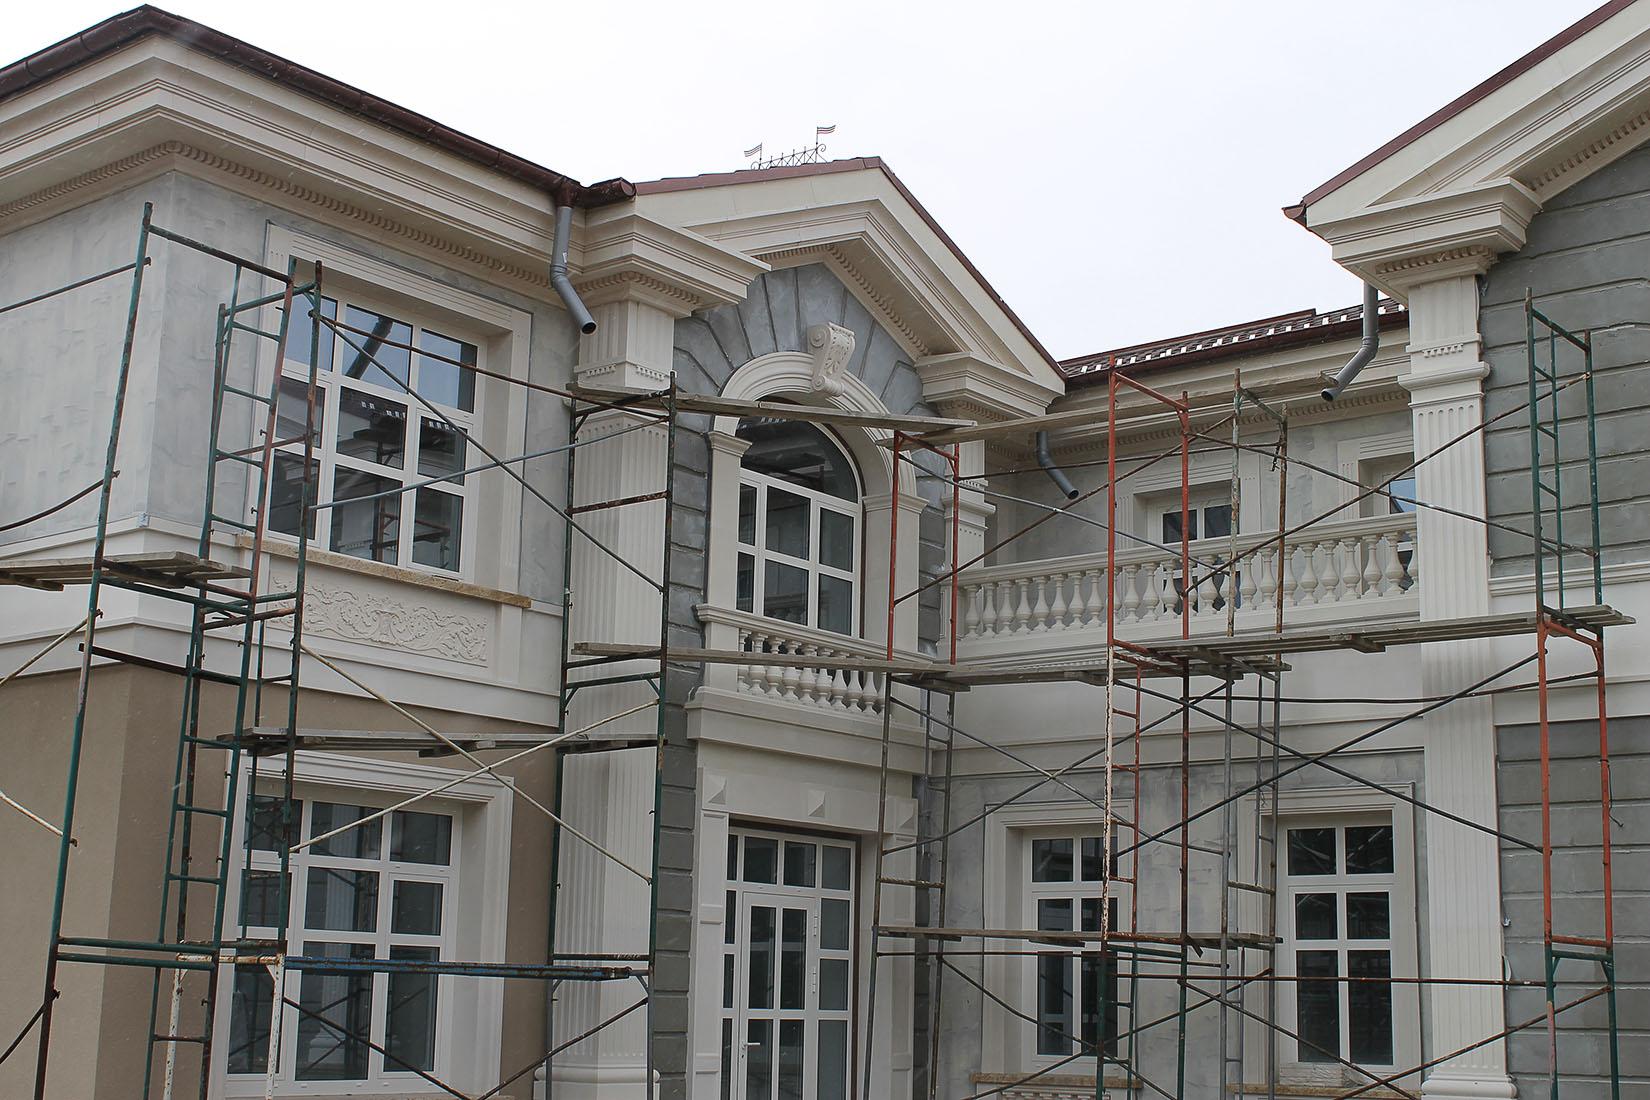 Усадьба в поселке Холмс, реконструкция и проект облицовки фасадов_06